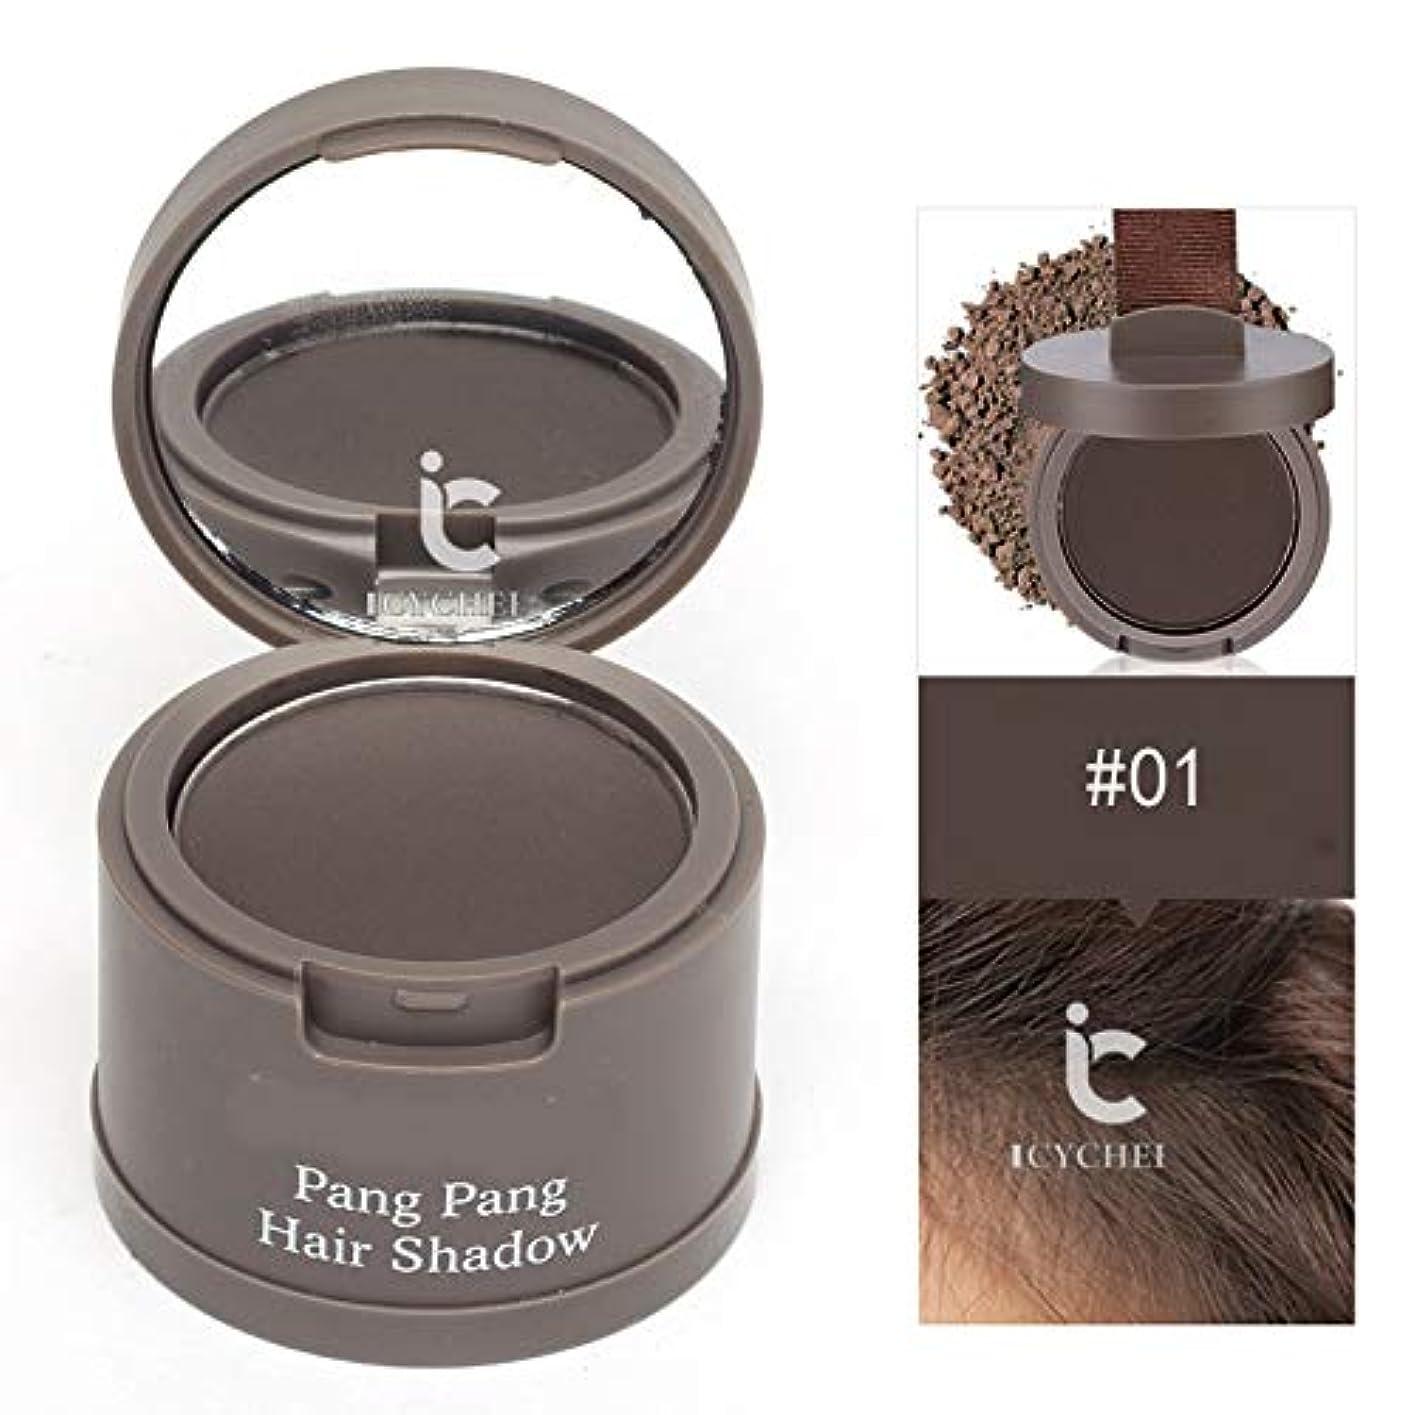 髪のためのヘアラインシャドウパウダー髪のシェーダレタッチルーツと髪パーフェクトカバレッジをラスティングICYCHEER防水ロング (01)